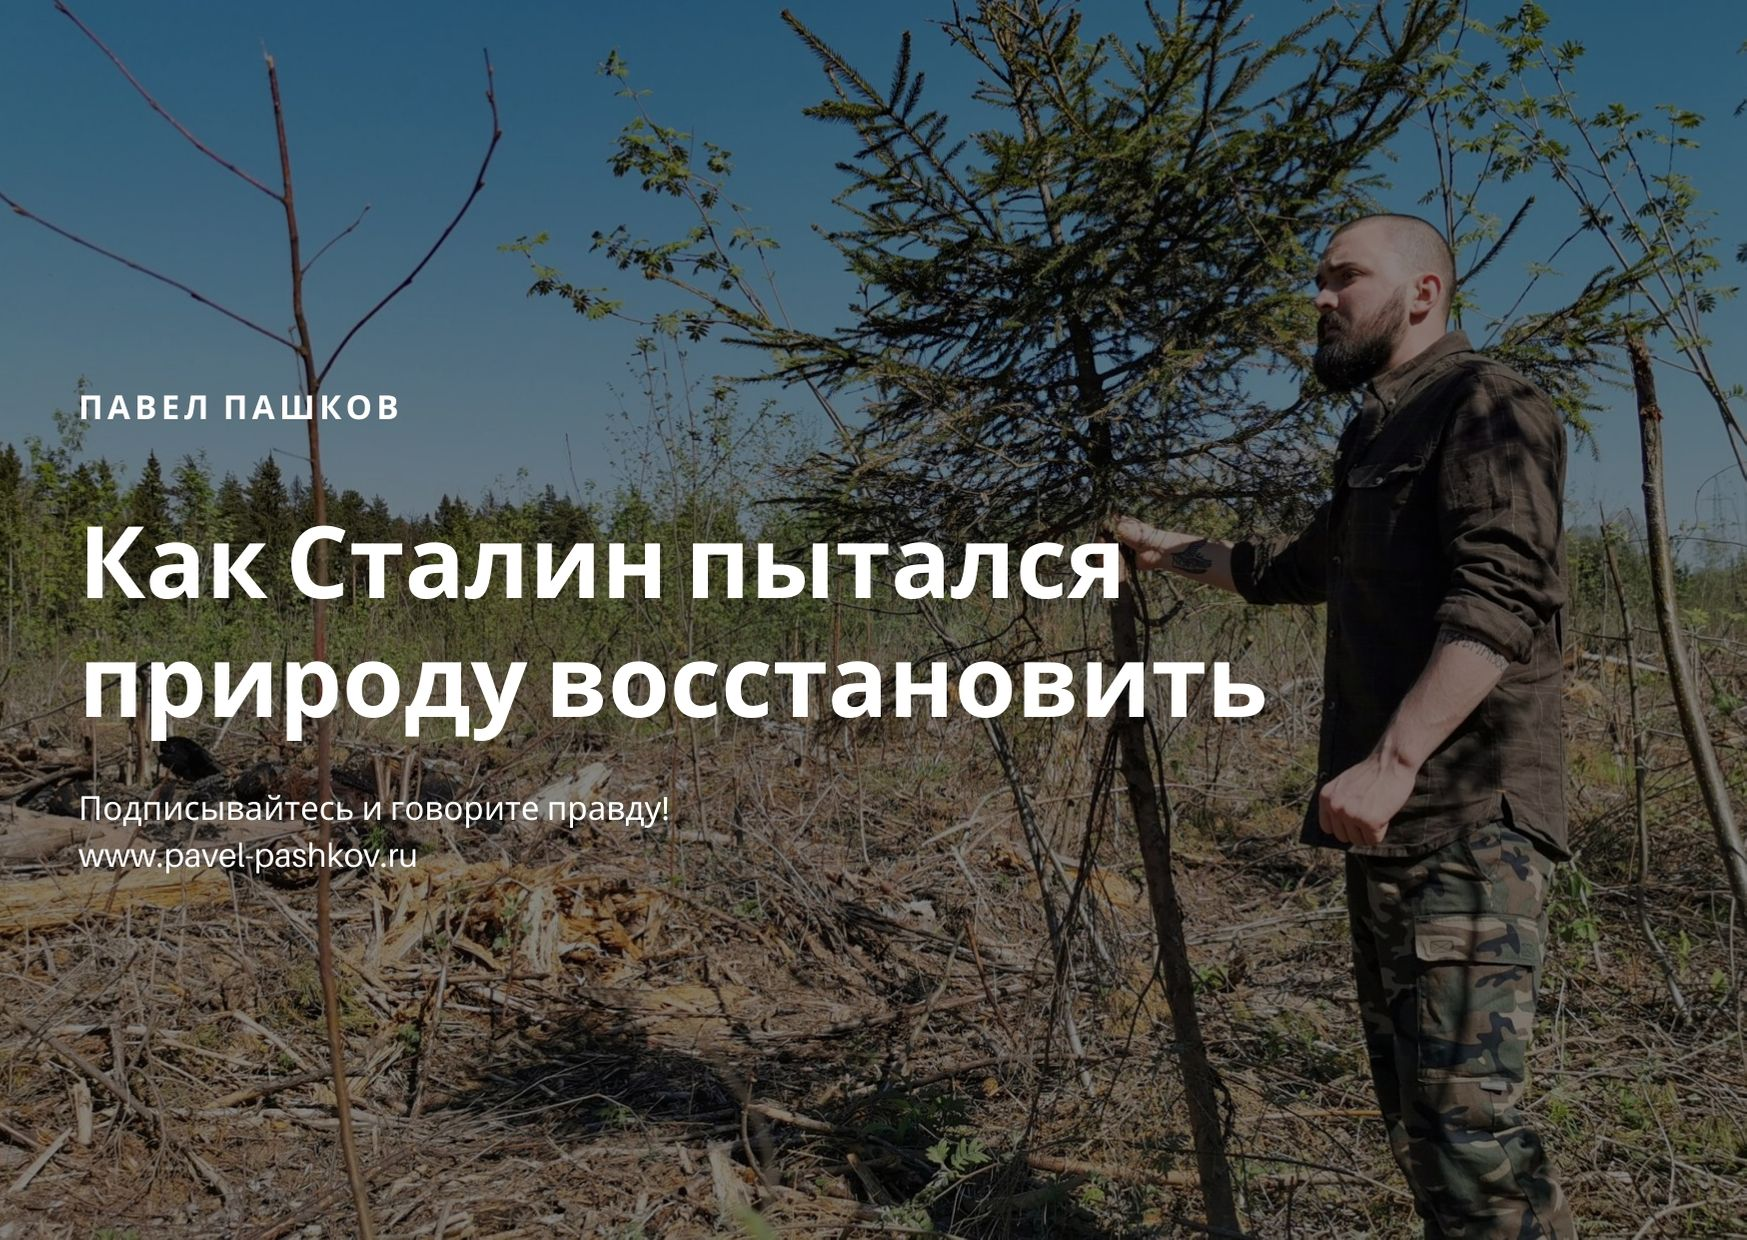 Как Сталин пытался природу восстановить